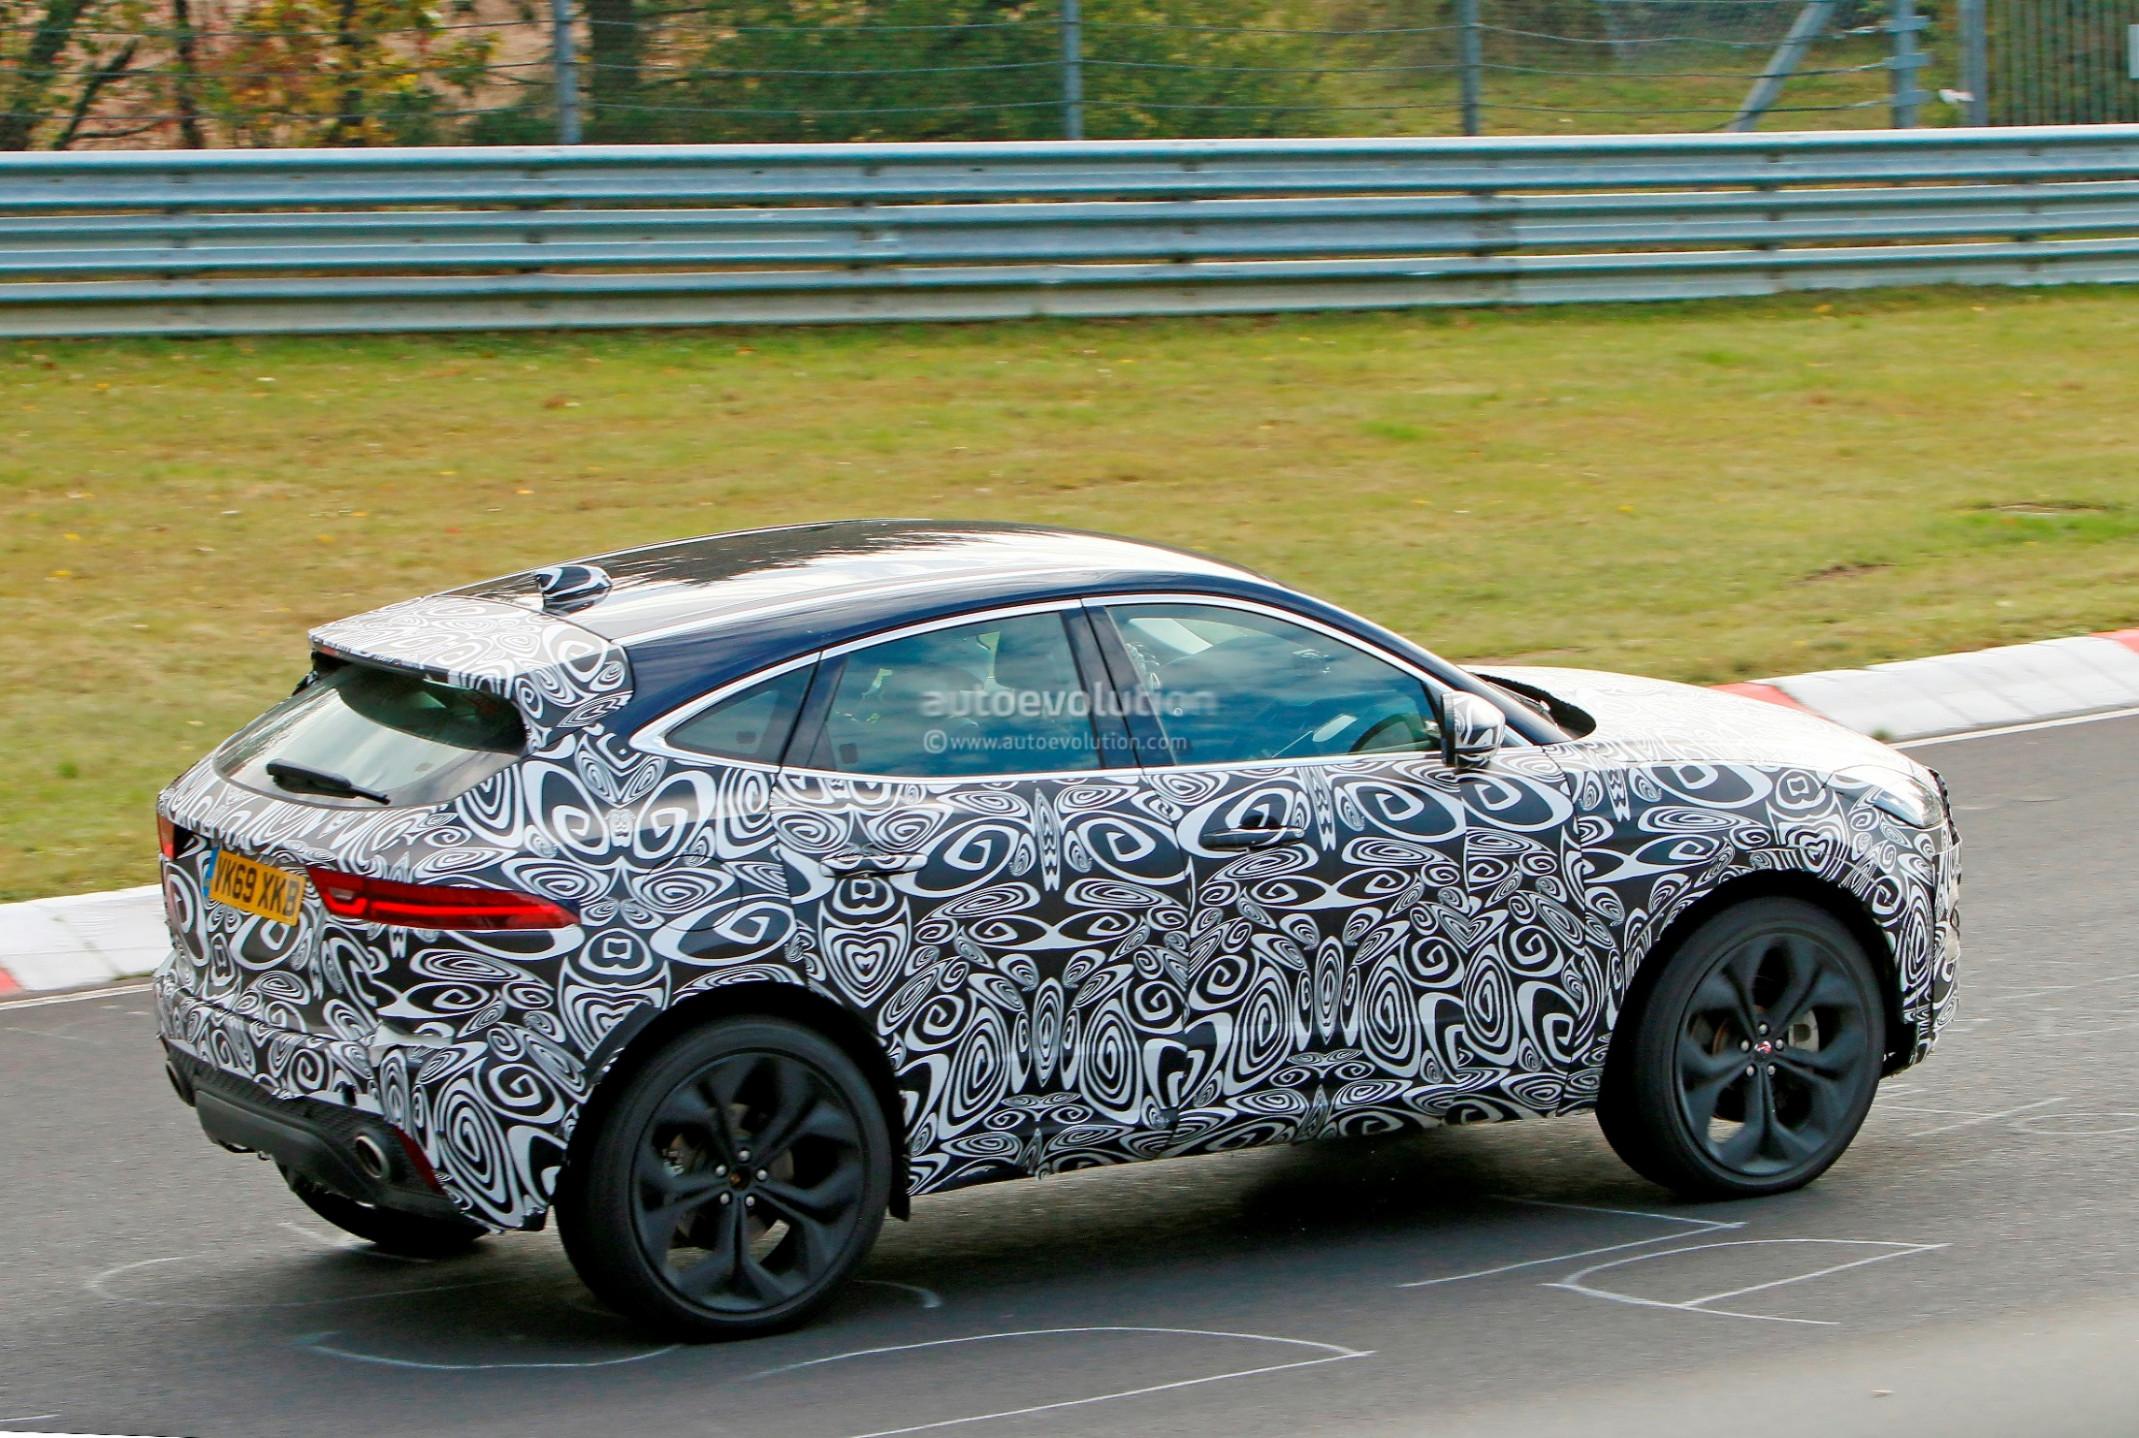 Rumors Jaguar News 2022